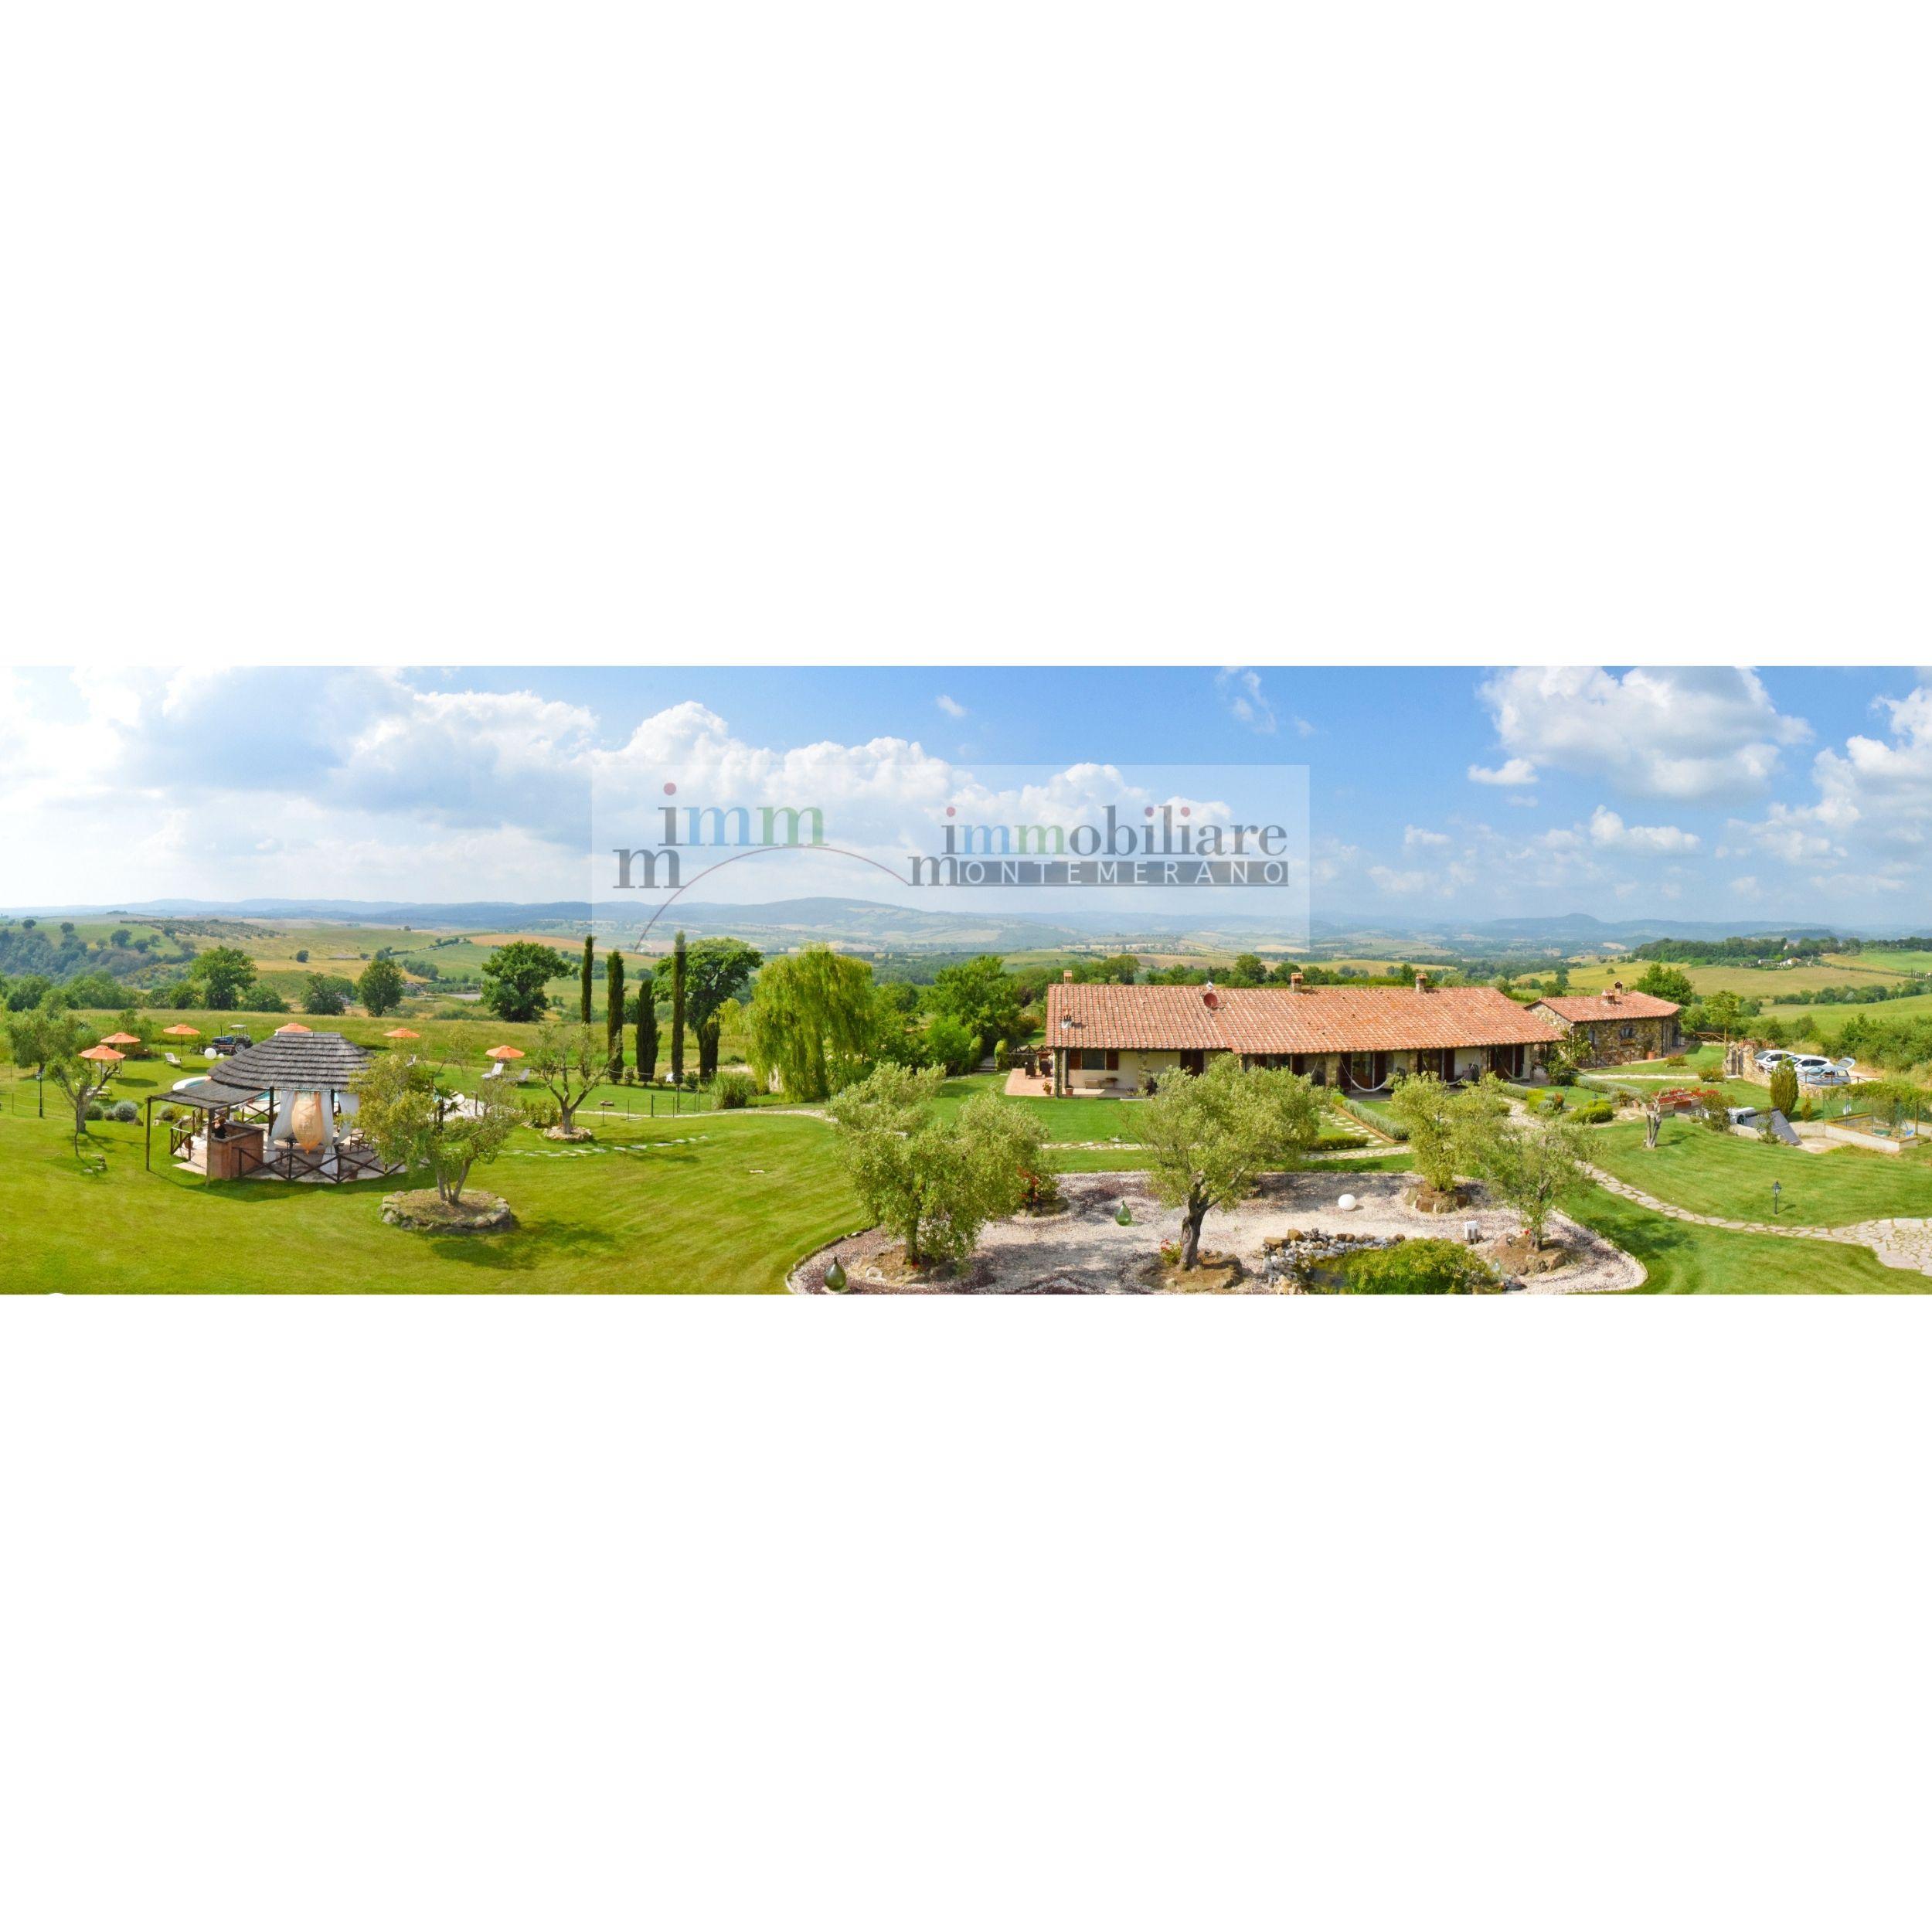 casali in pietra e piscina Saturnia 186B a pochi km dallo splendido Borgo medievale di Montemerano e dalle famose acque termali